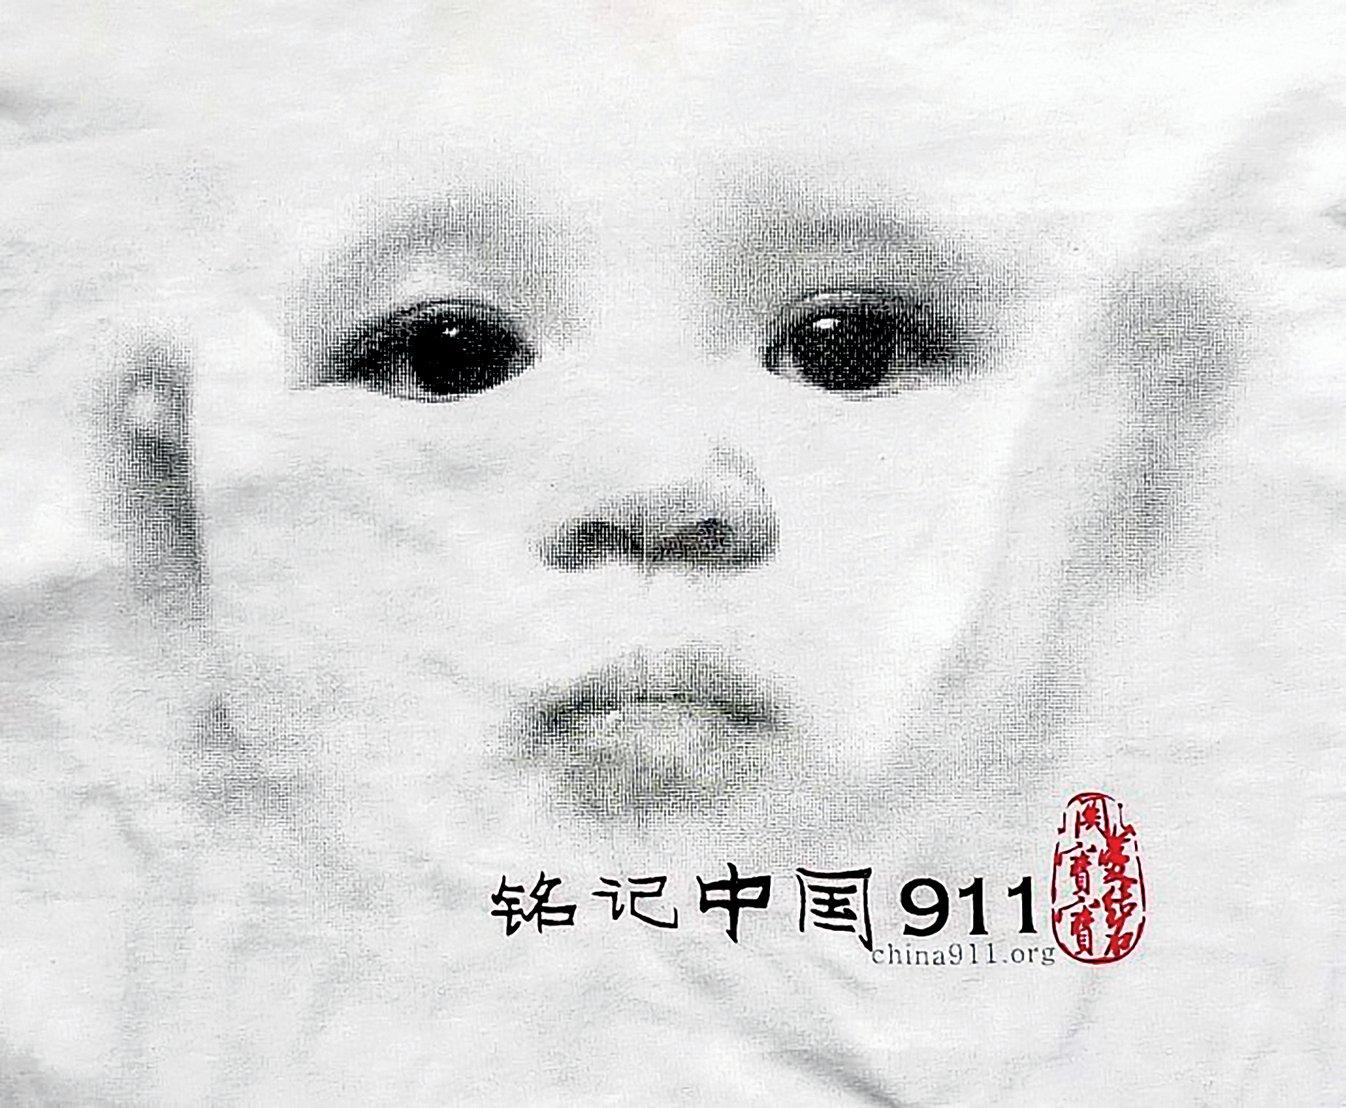 China911文化衫圖案。(網絡圖片)